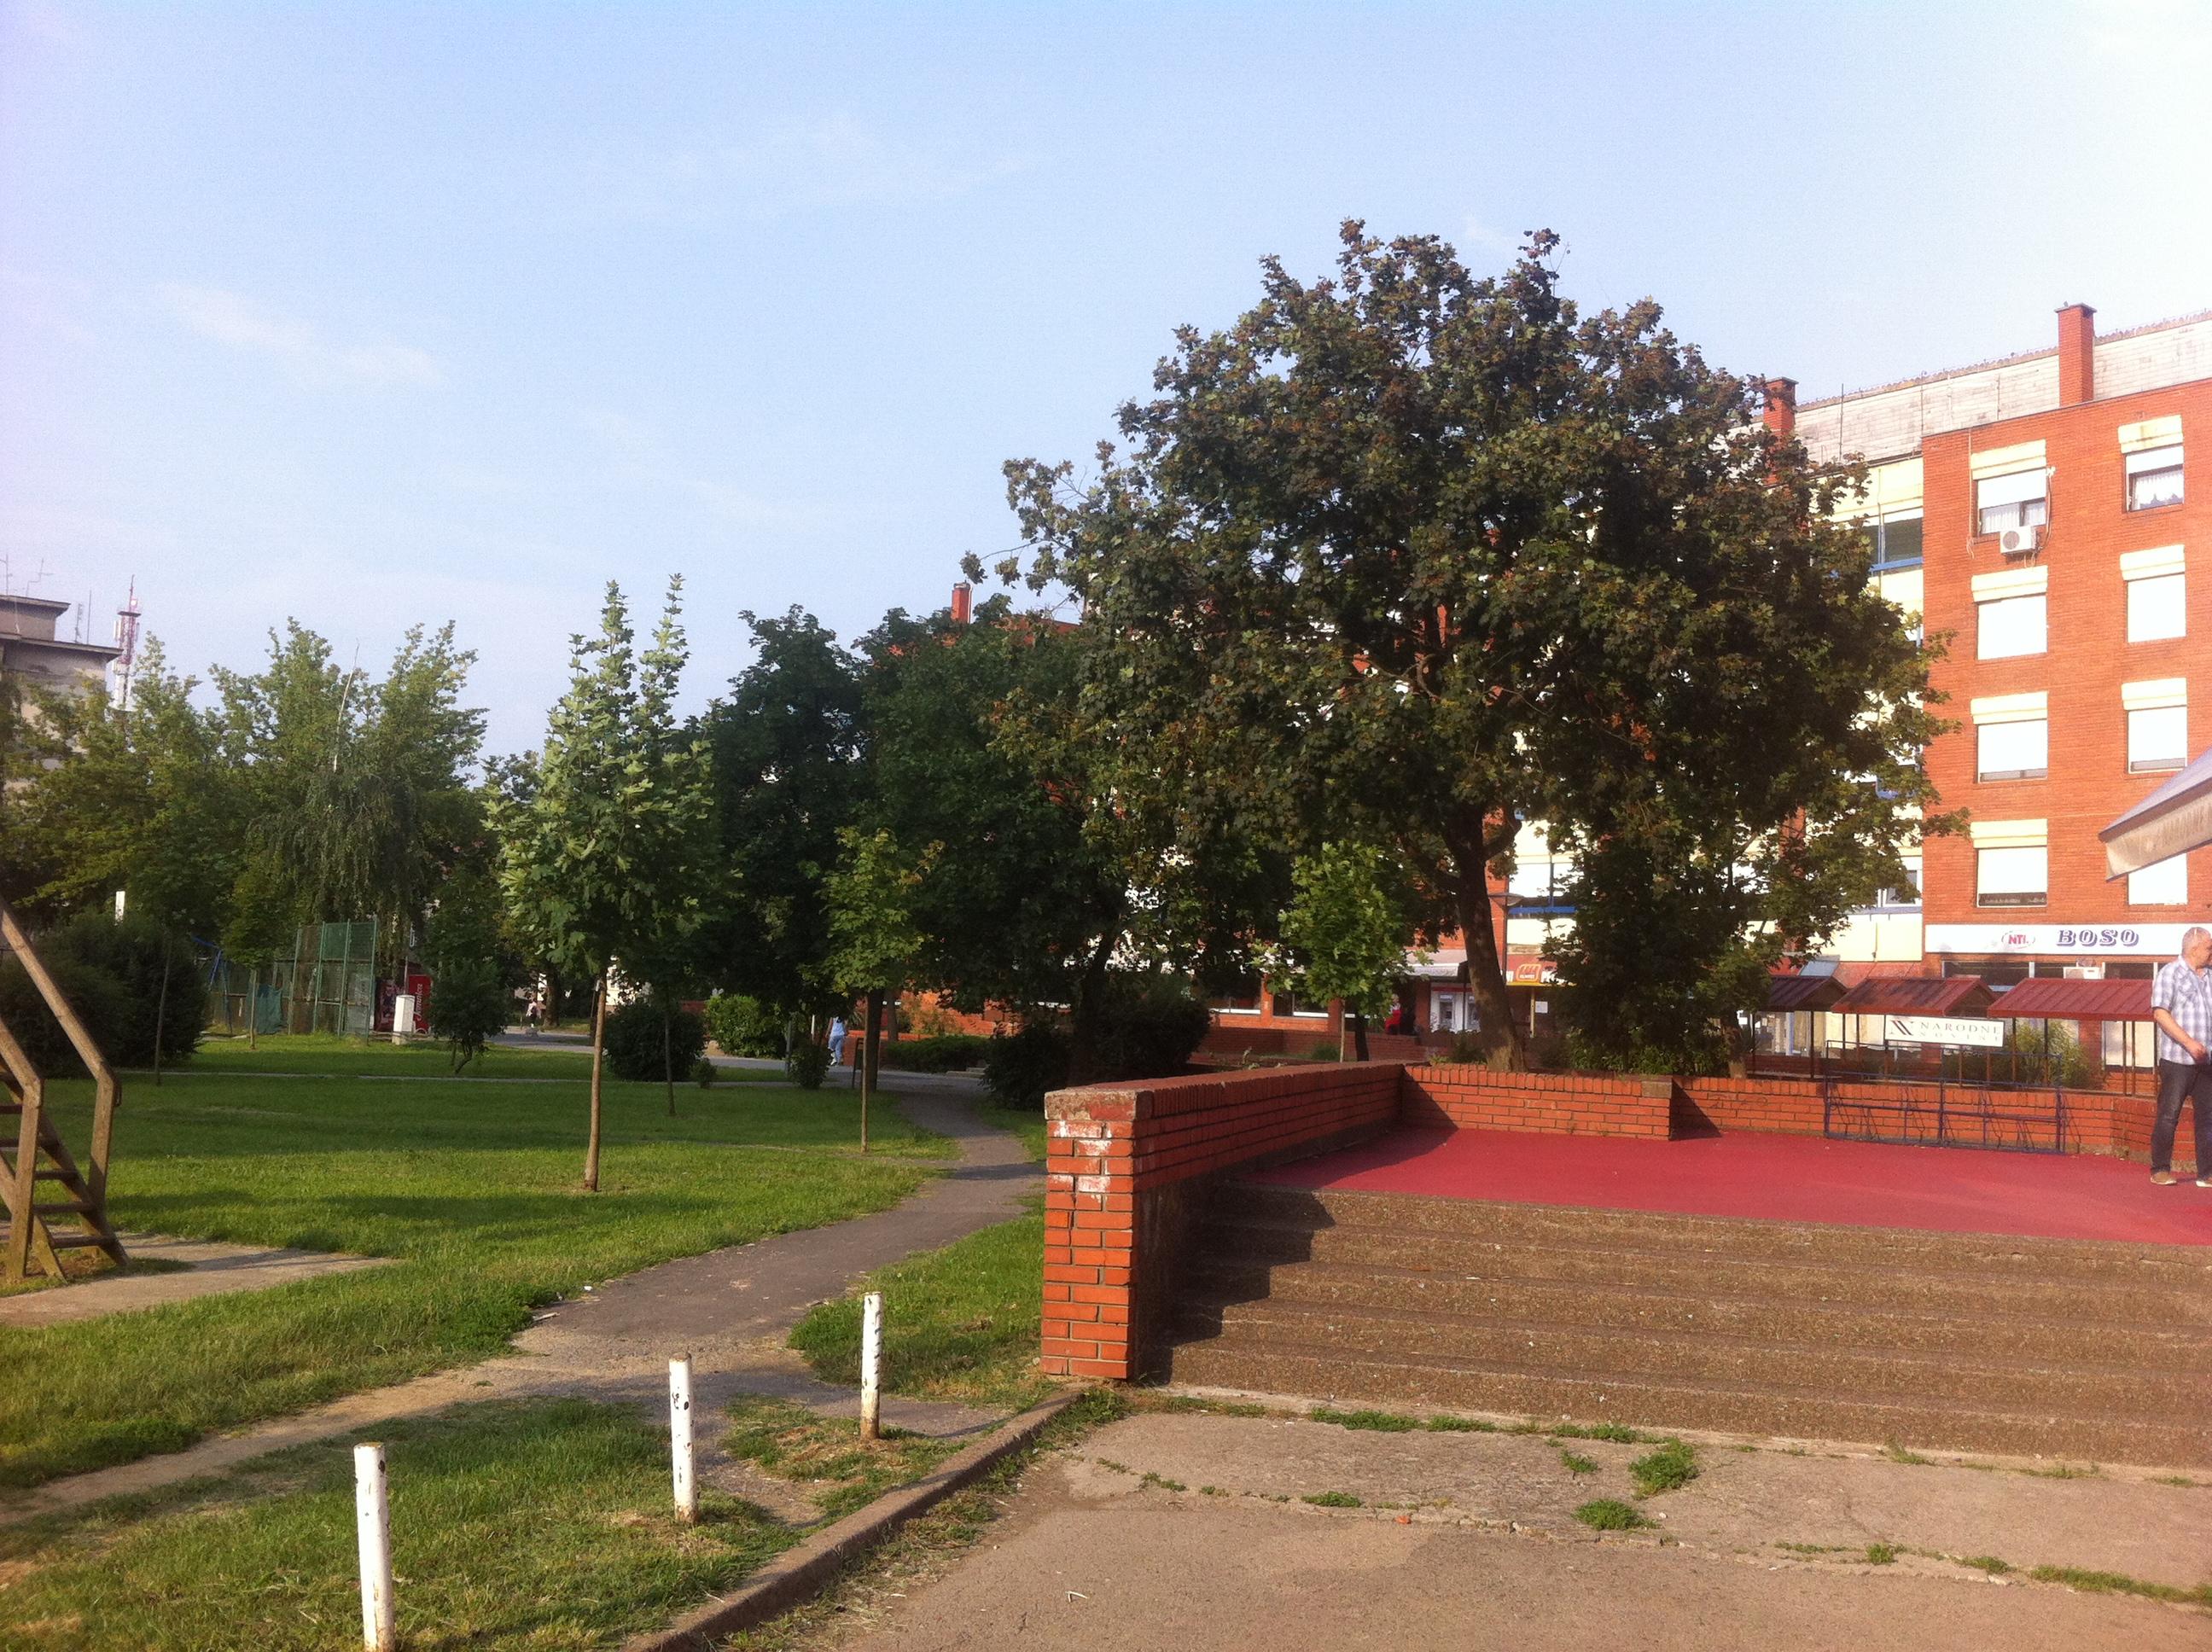 Stanari Slavonije I uznemireni zbog pucnjave koja je završila uhićenjem